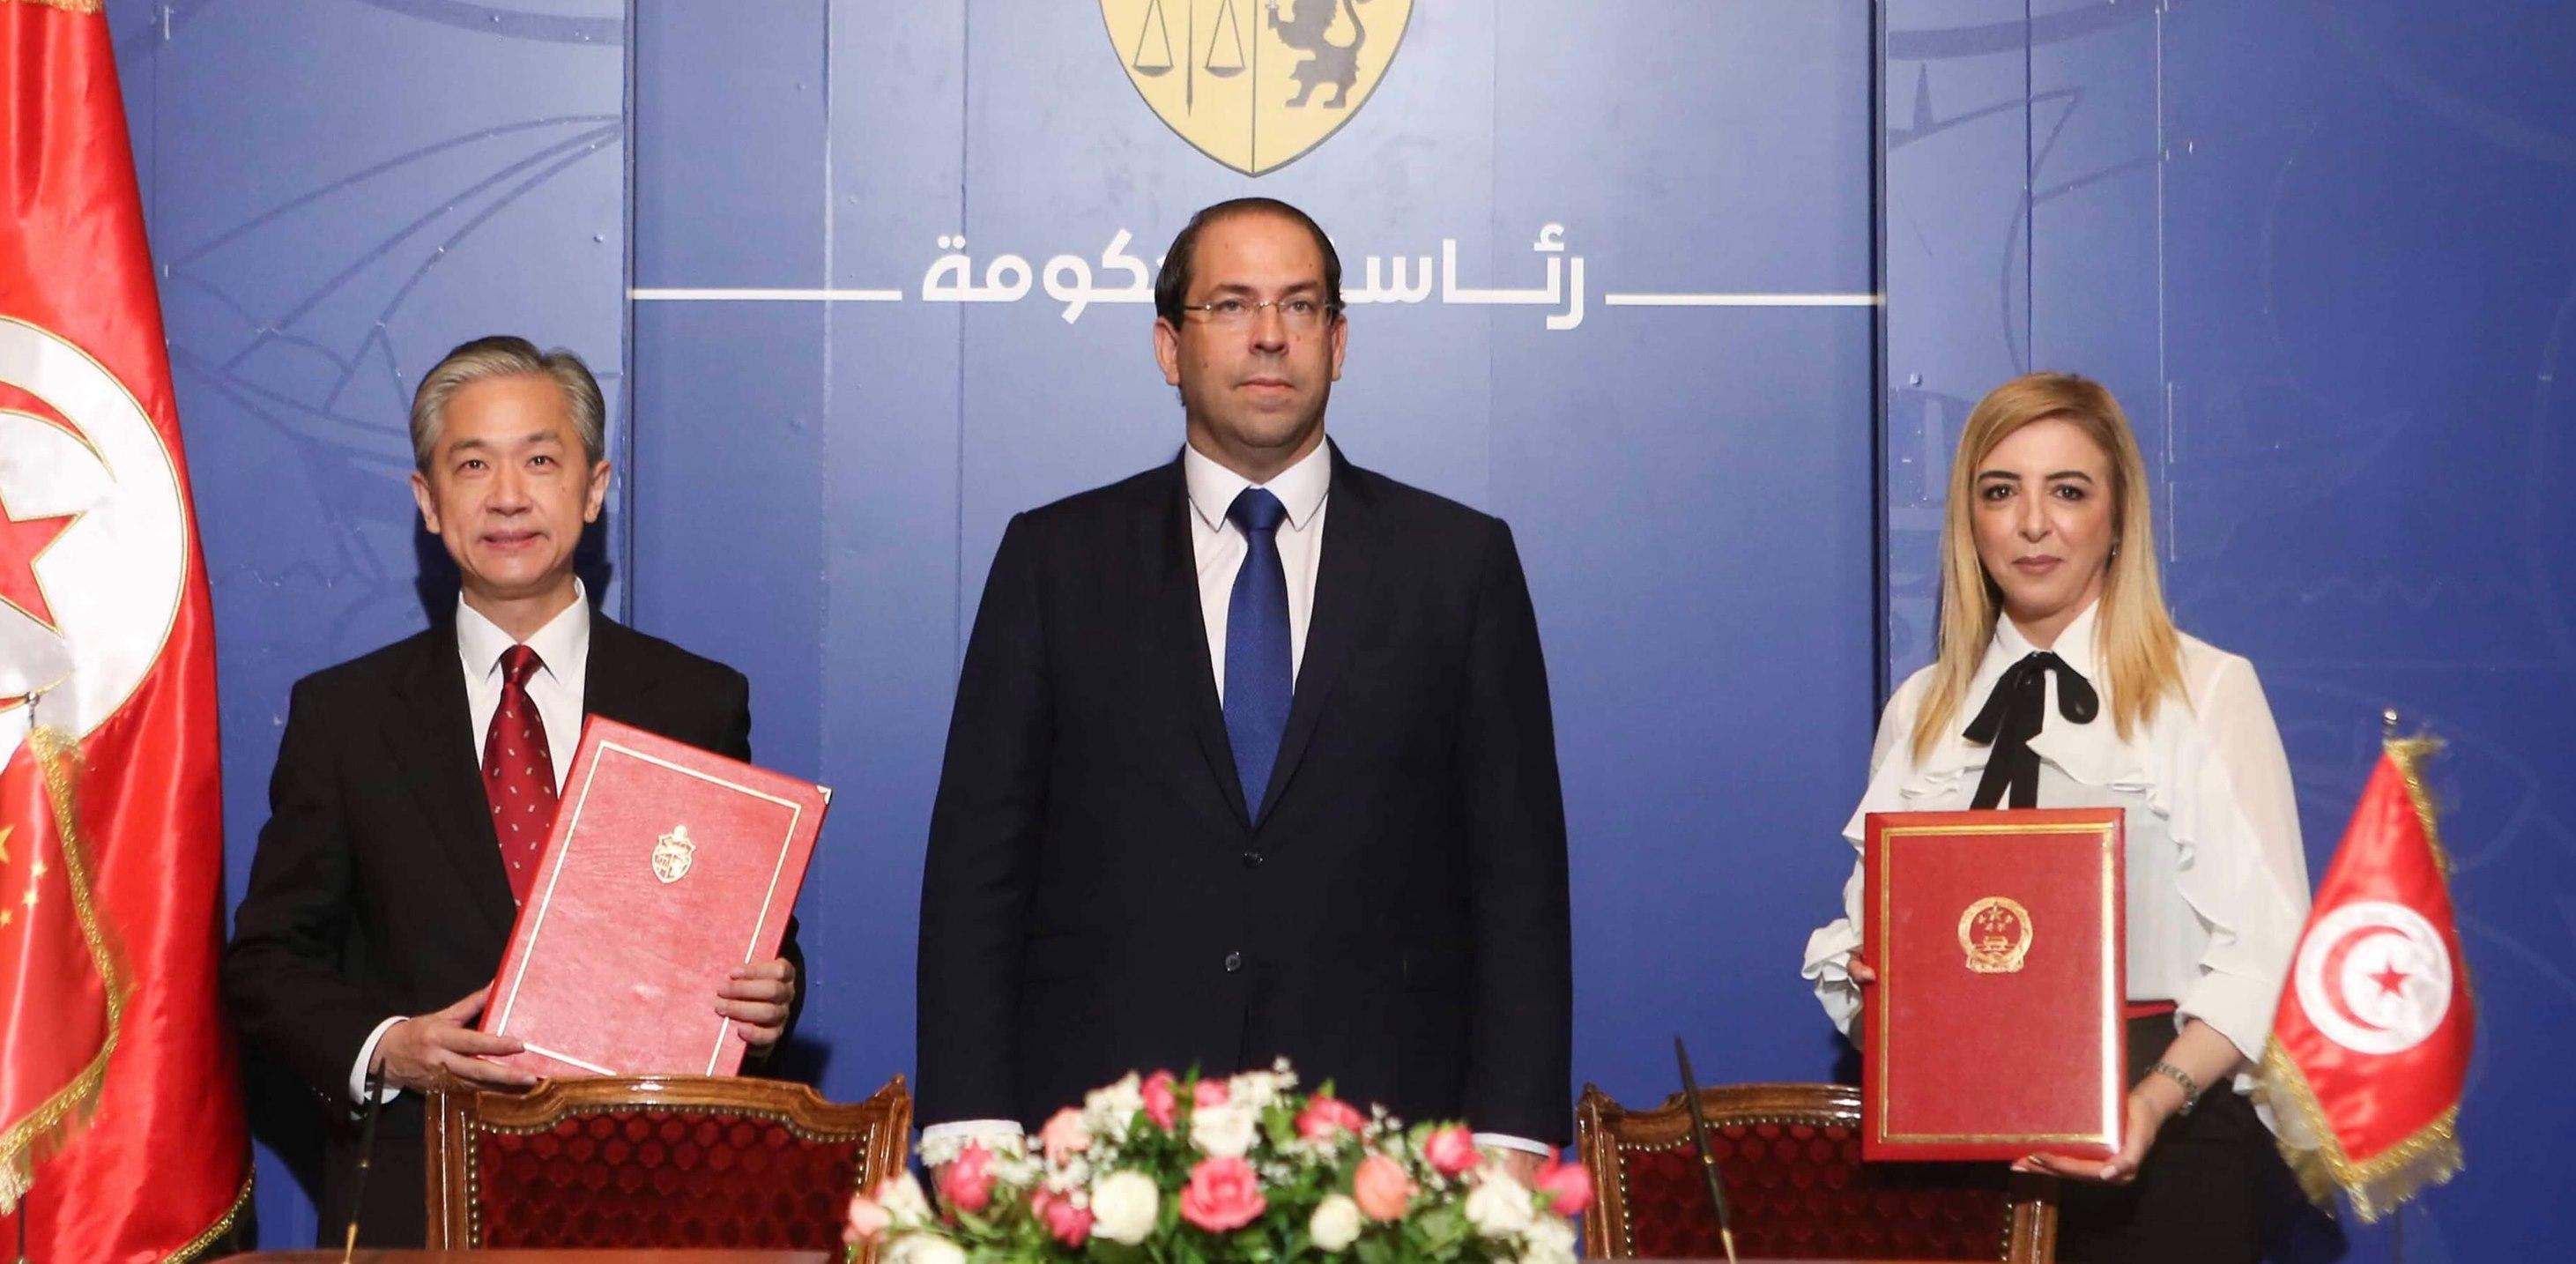 المستشفى الجامعي الجديد طينة بصفاقس يدخل حيز الاستغلال يوم 3 نوفمبر واتفاق تونسي صيني لتوسعته